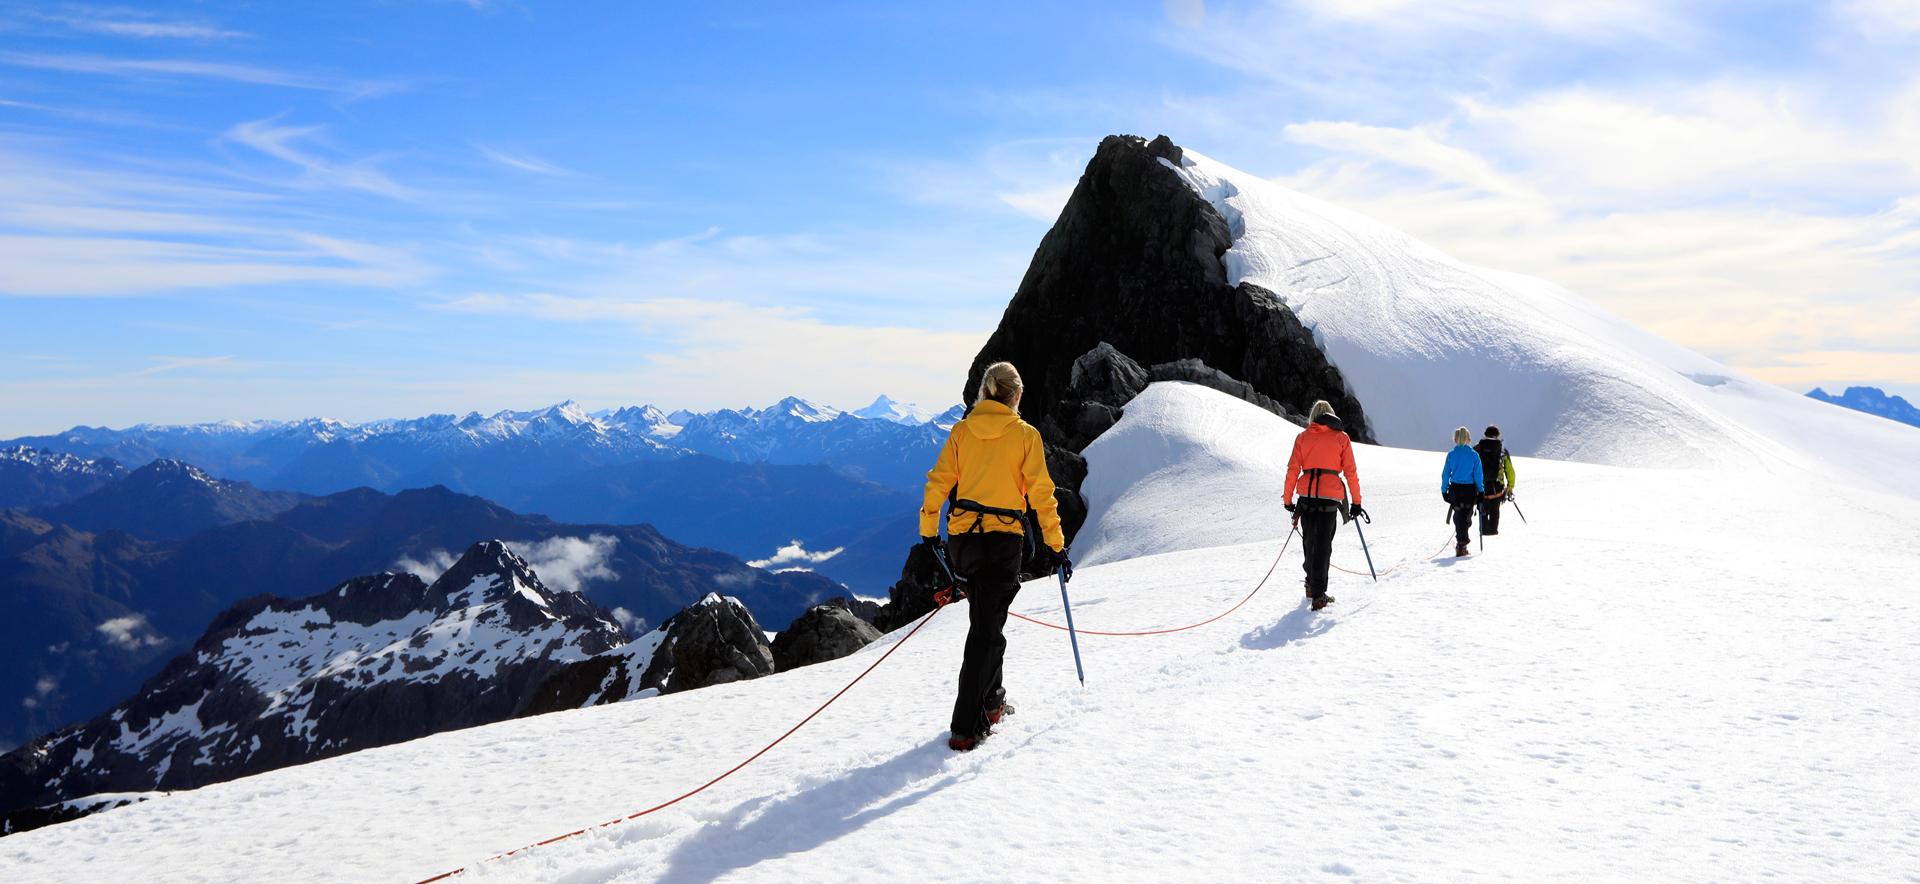 glacierwalk3